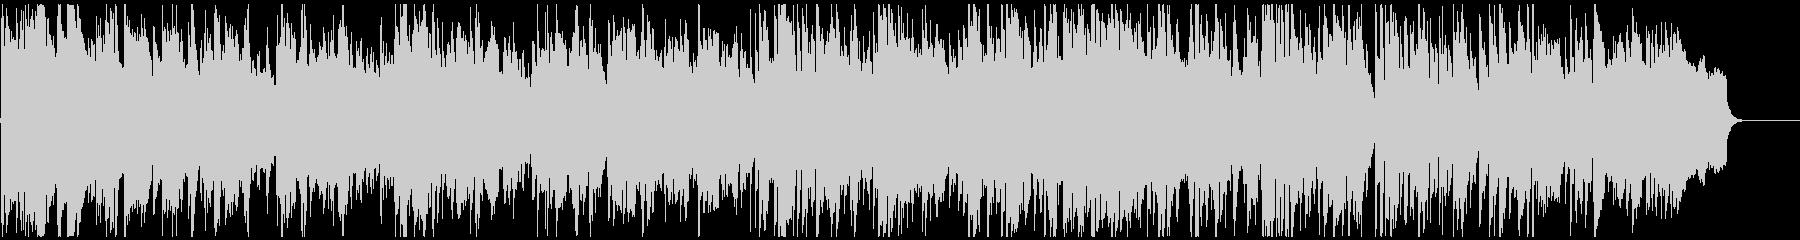 穏やかな低音メロディの落ち着いたボサノバの未再生の波形